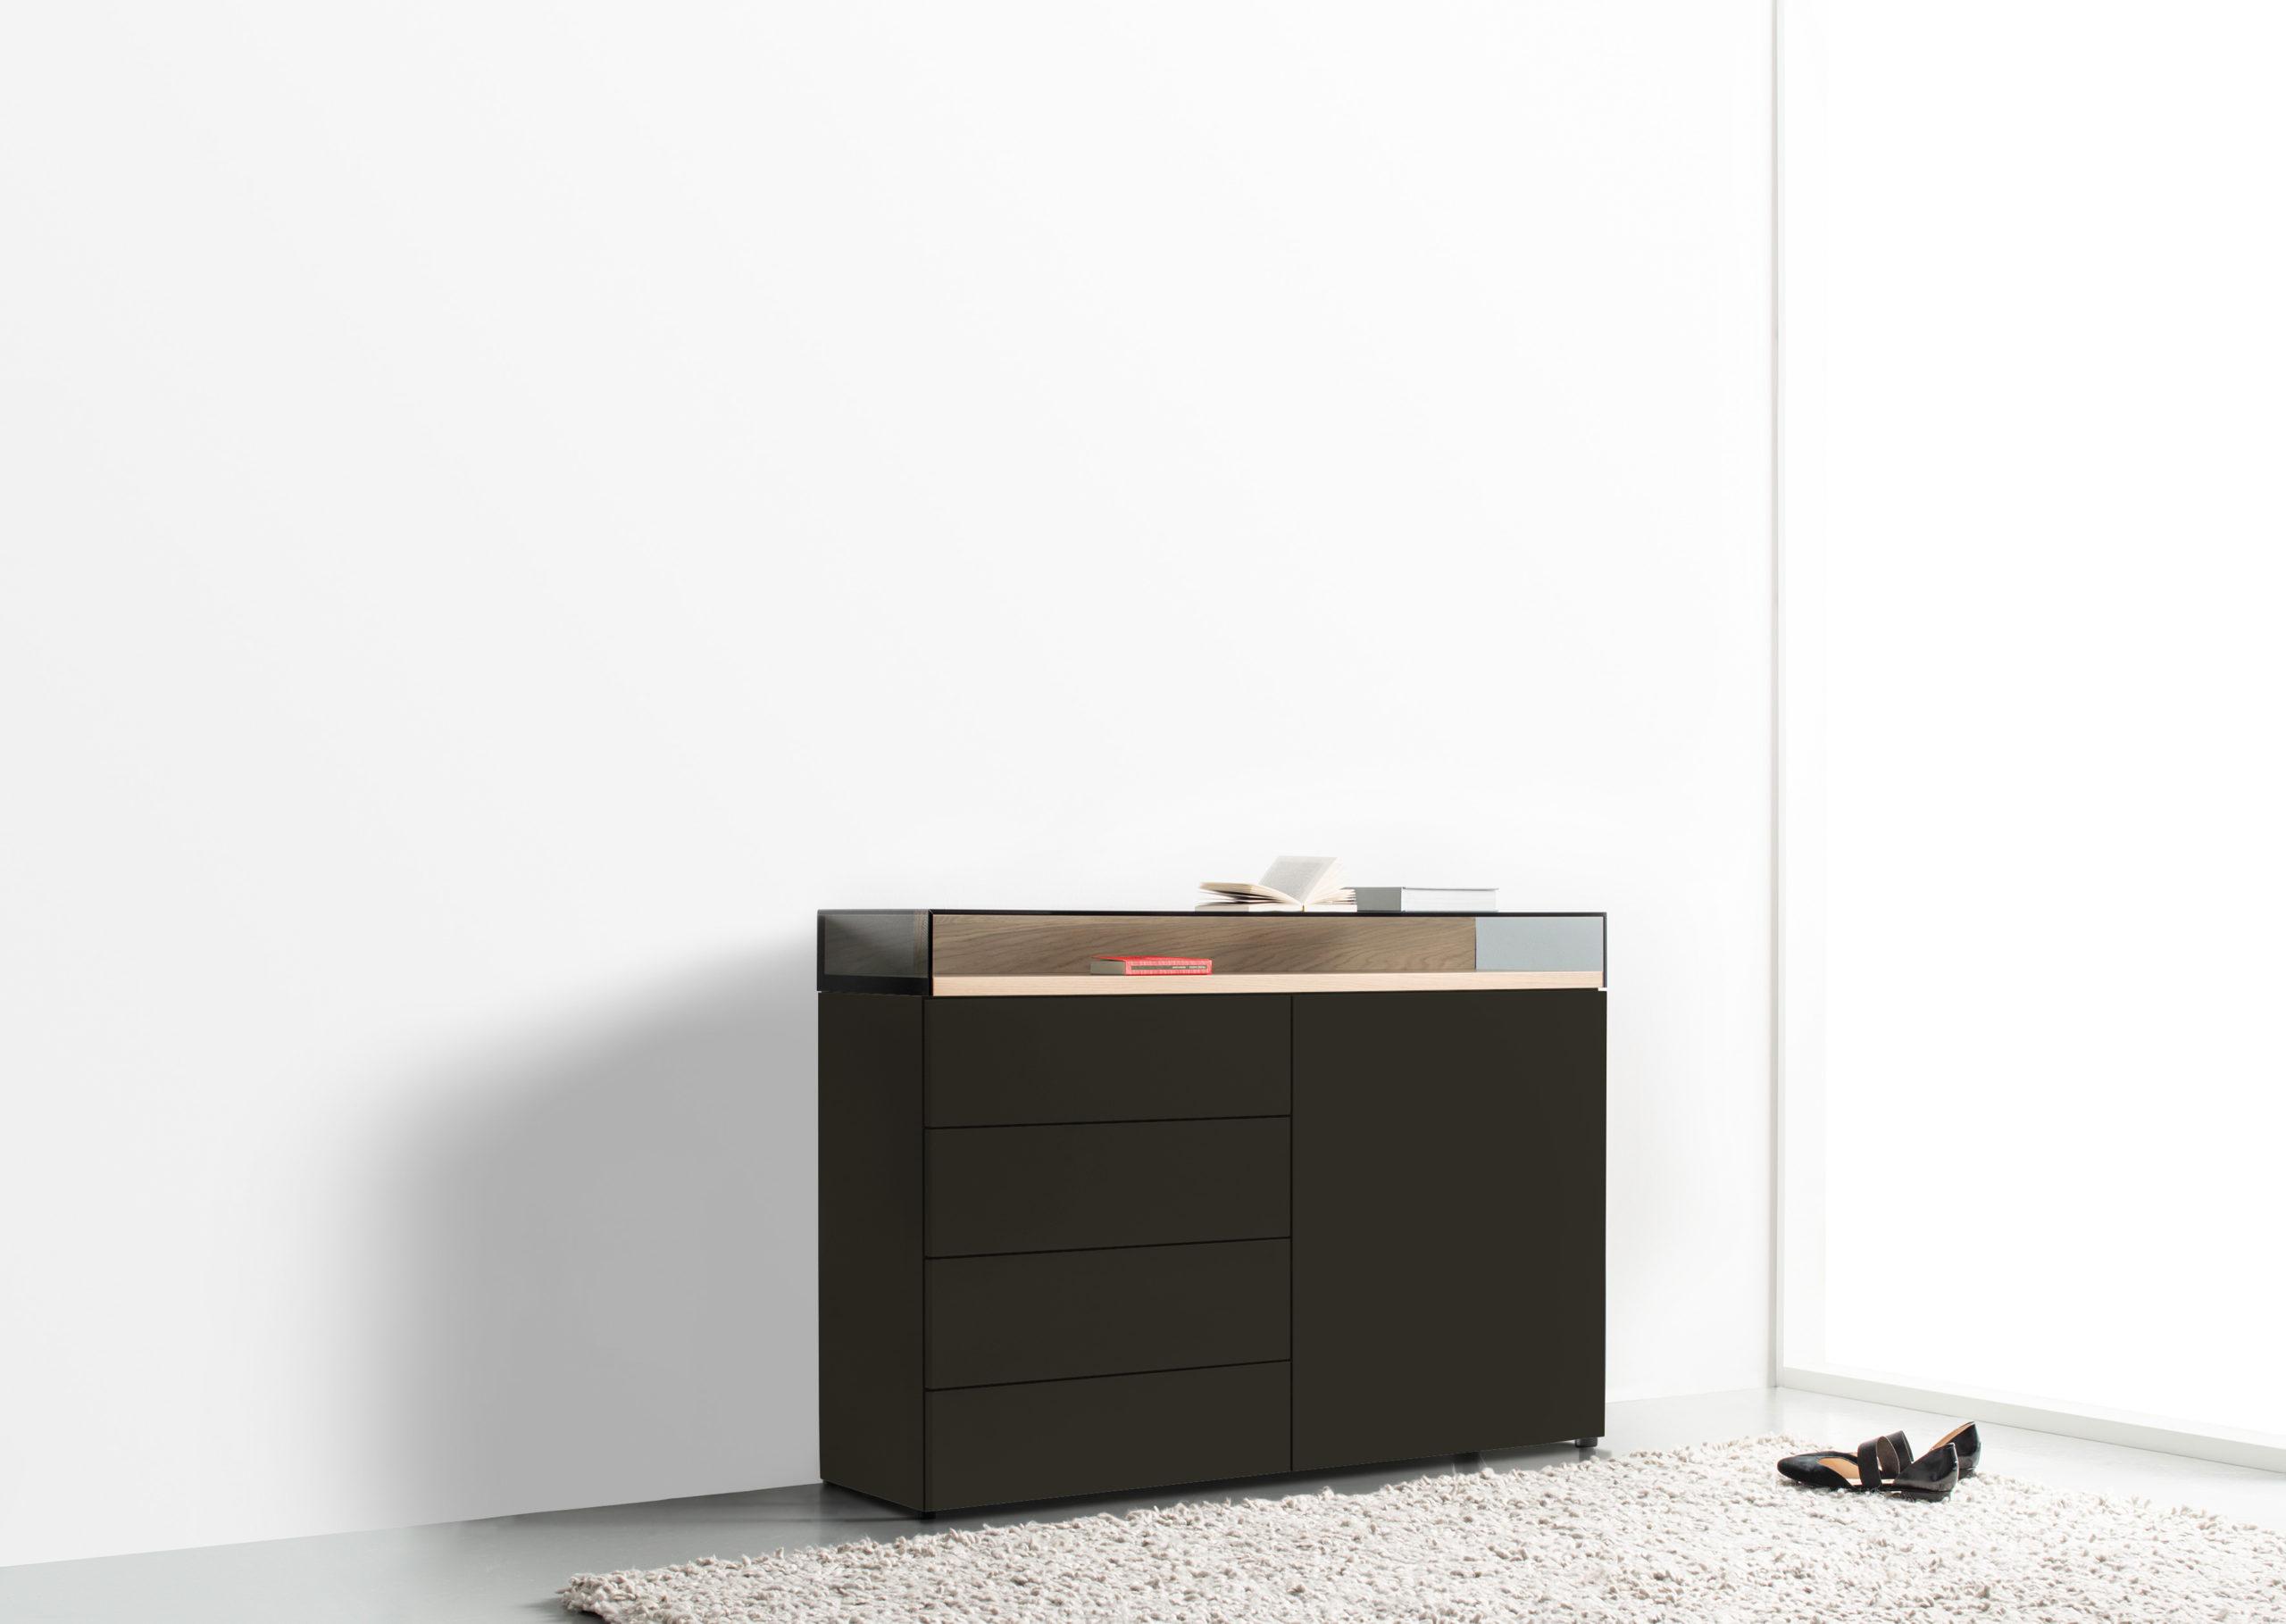 Sudbrock KAYA Sideboard mit Glasaufsatz, stehend auf Doppelfuß in der Ausführung Lack Cosmos schwarz, Holz-Akzent in Eiche canyon